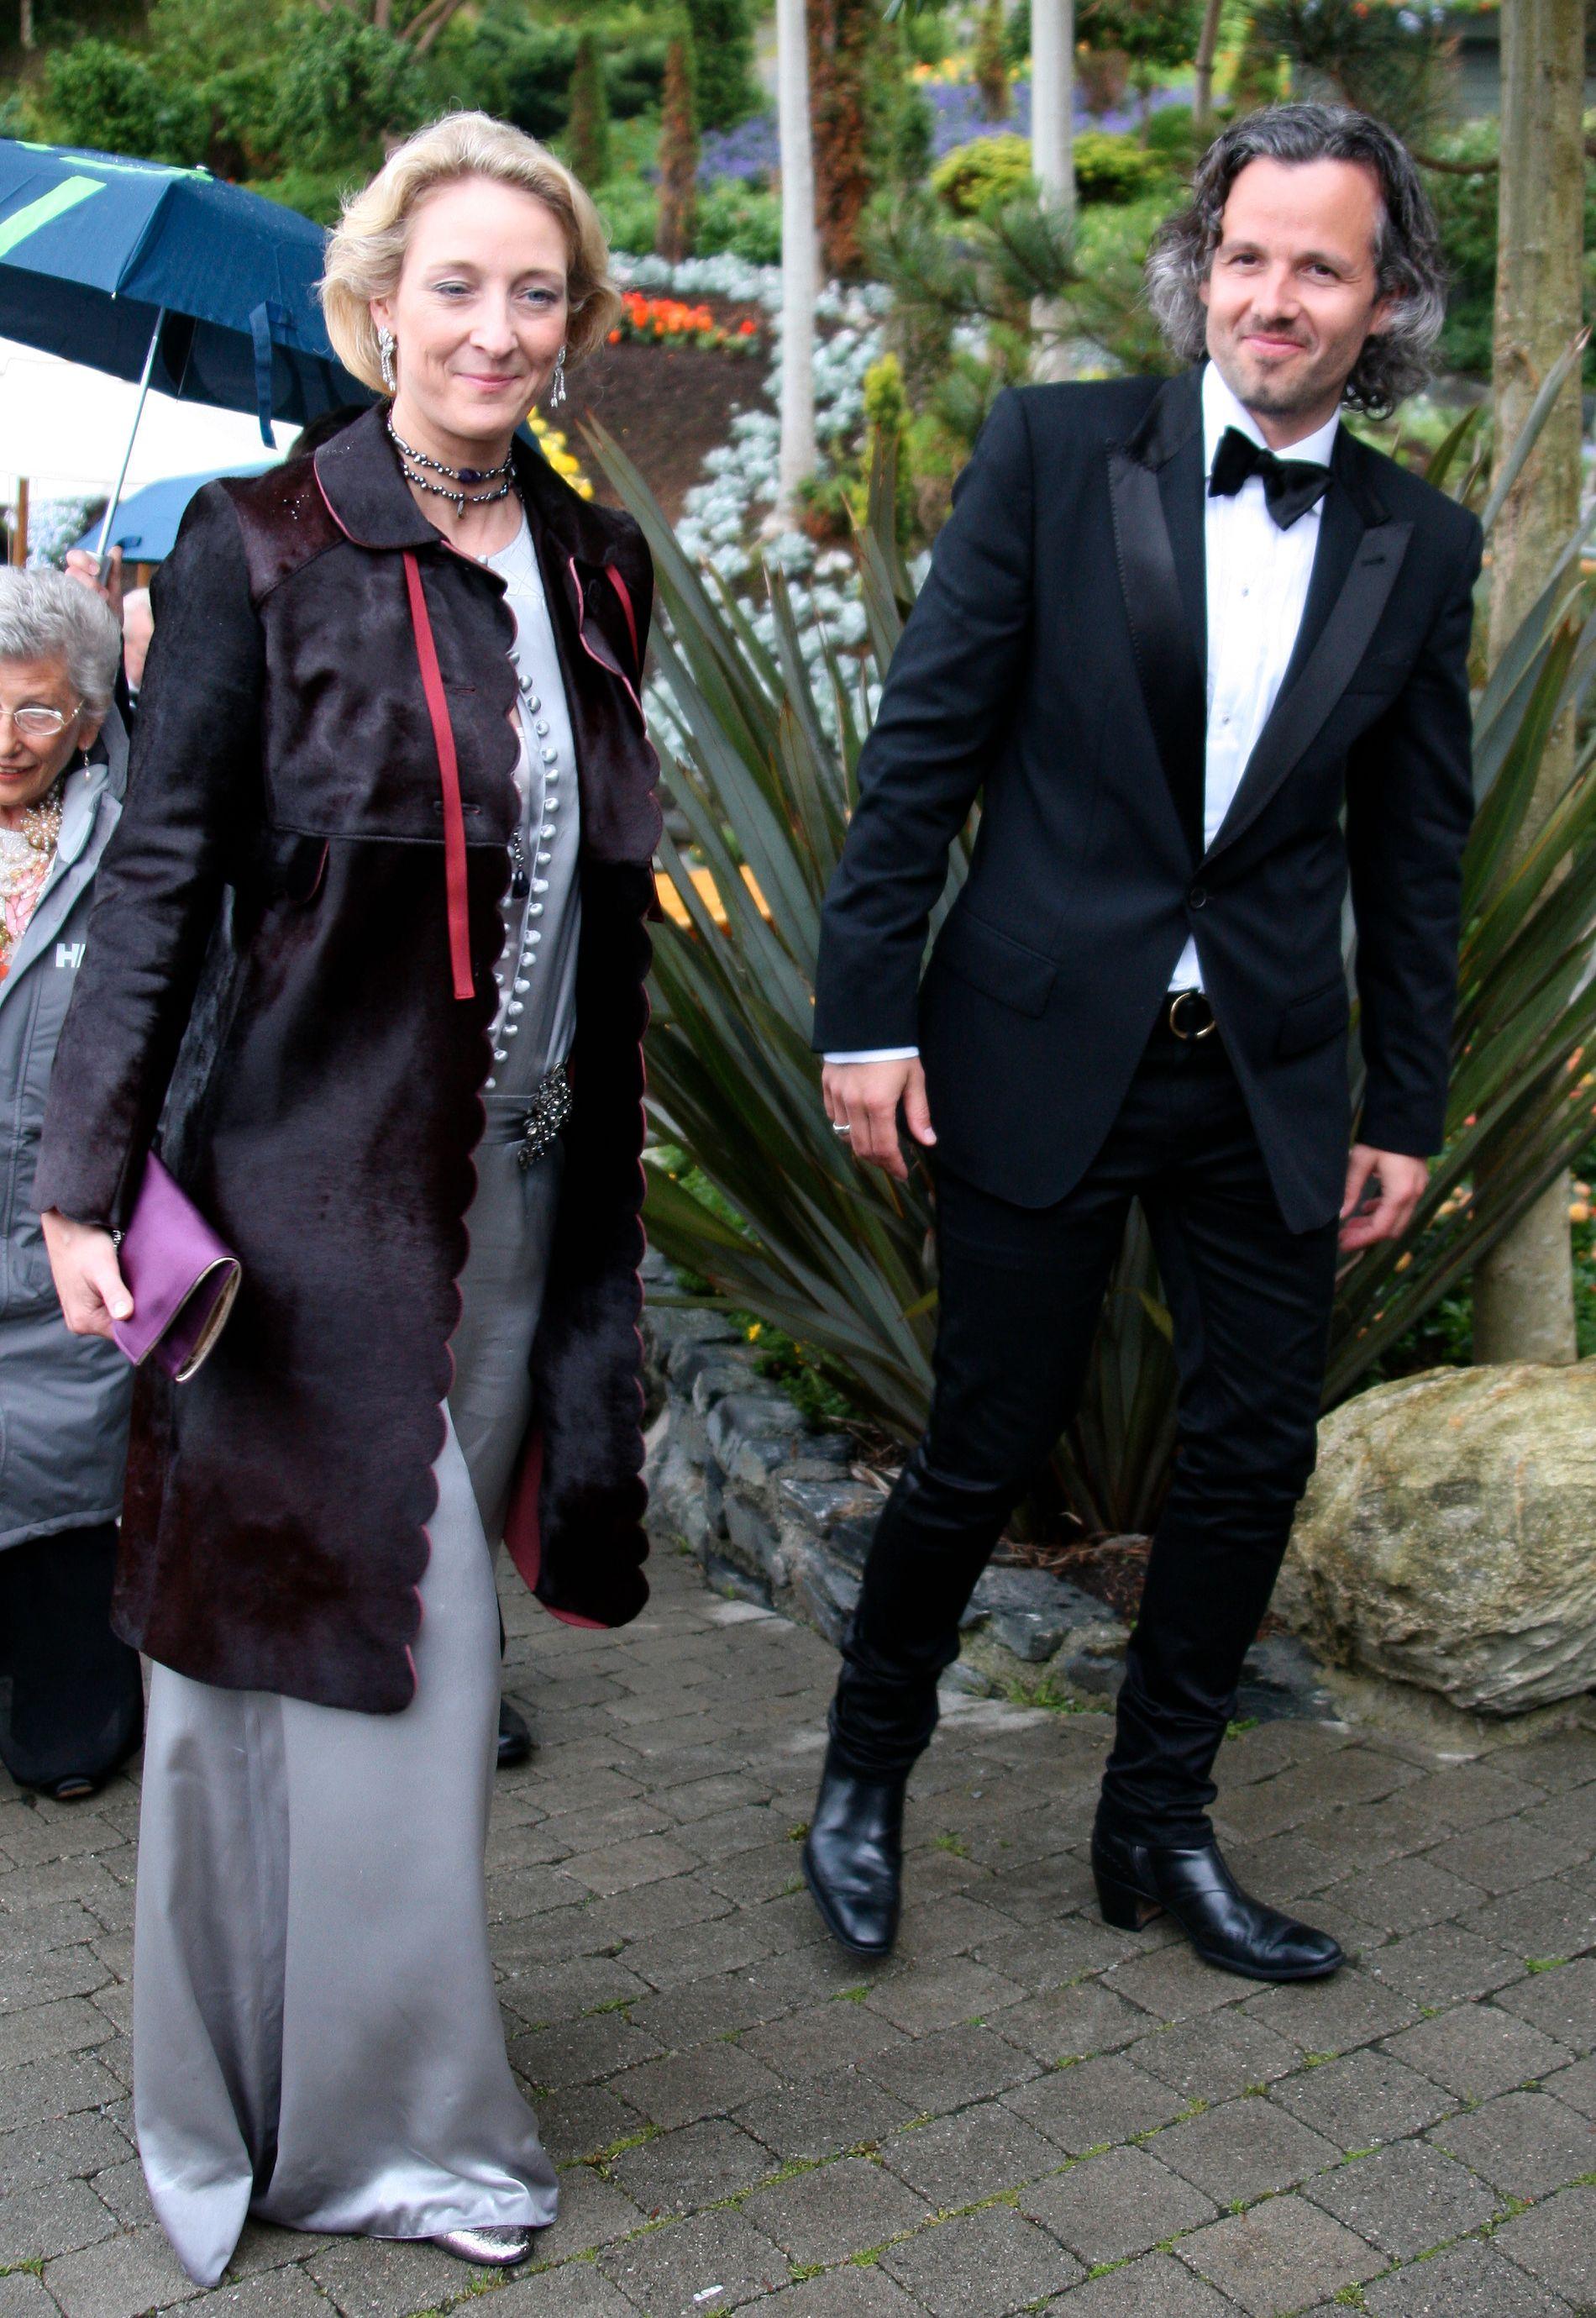 GODE VENNER: Prinsesse Alexandra er en god venn av det norske kongehuset. I 2007 var hun deltaker i dronning Sonjas 70-årsdag. Her med Märthas eks-mann Ari Behn.